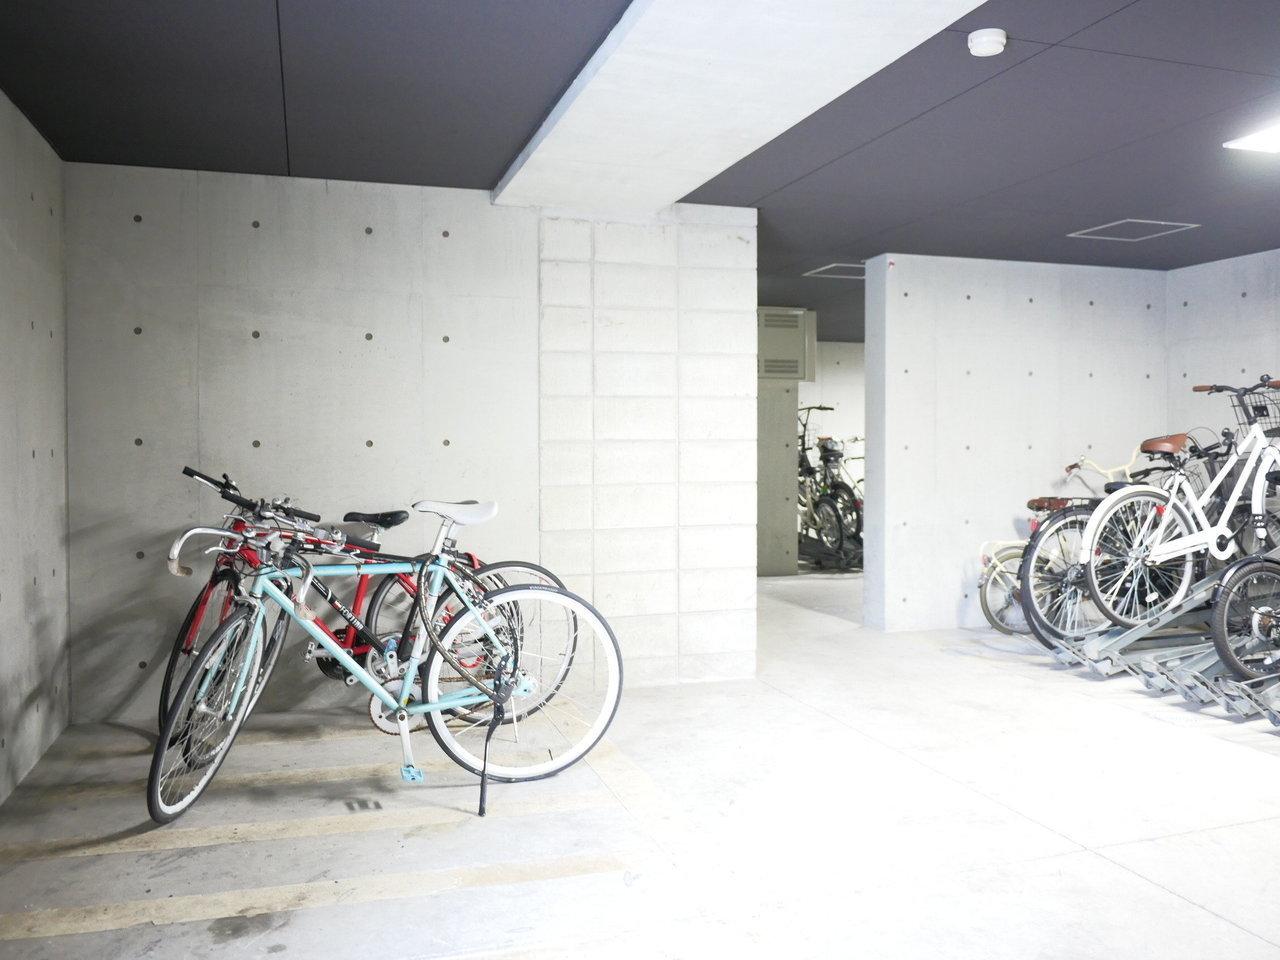 こちらのマンションは駐輪場も広いんです。お気に入りの自転車を雨ざらしにしなくて済みますよ。